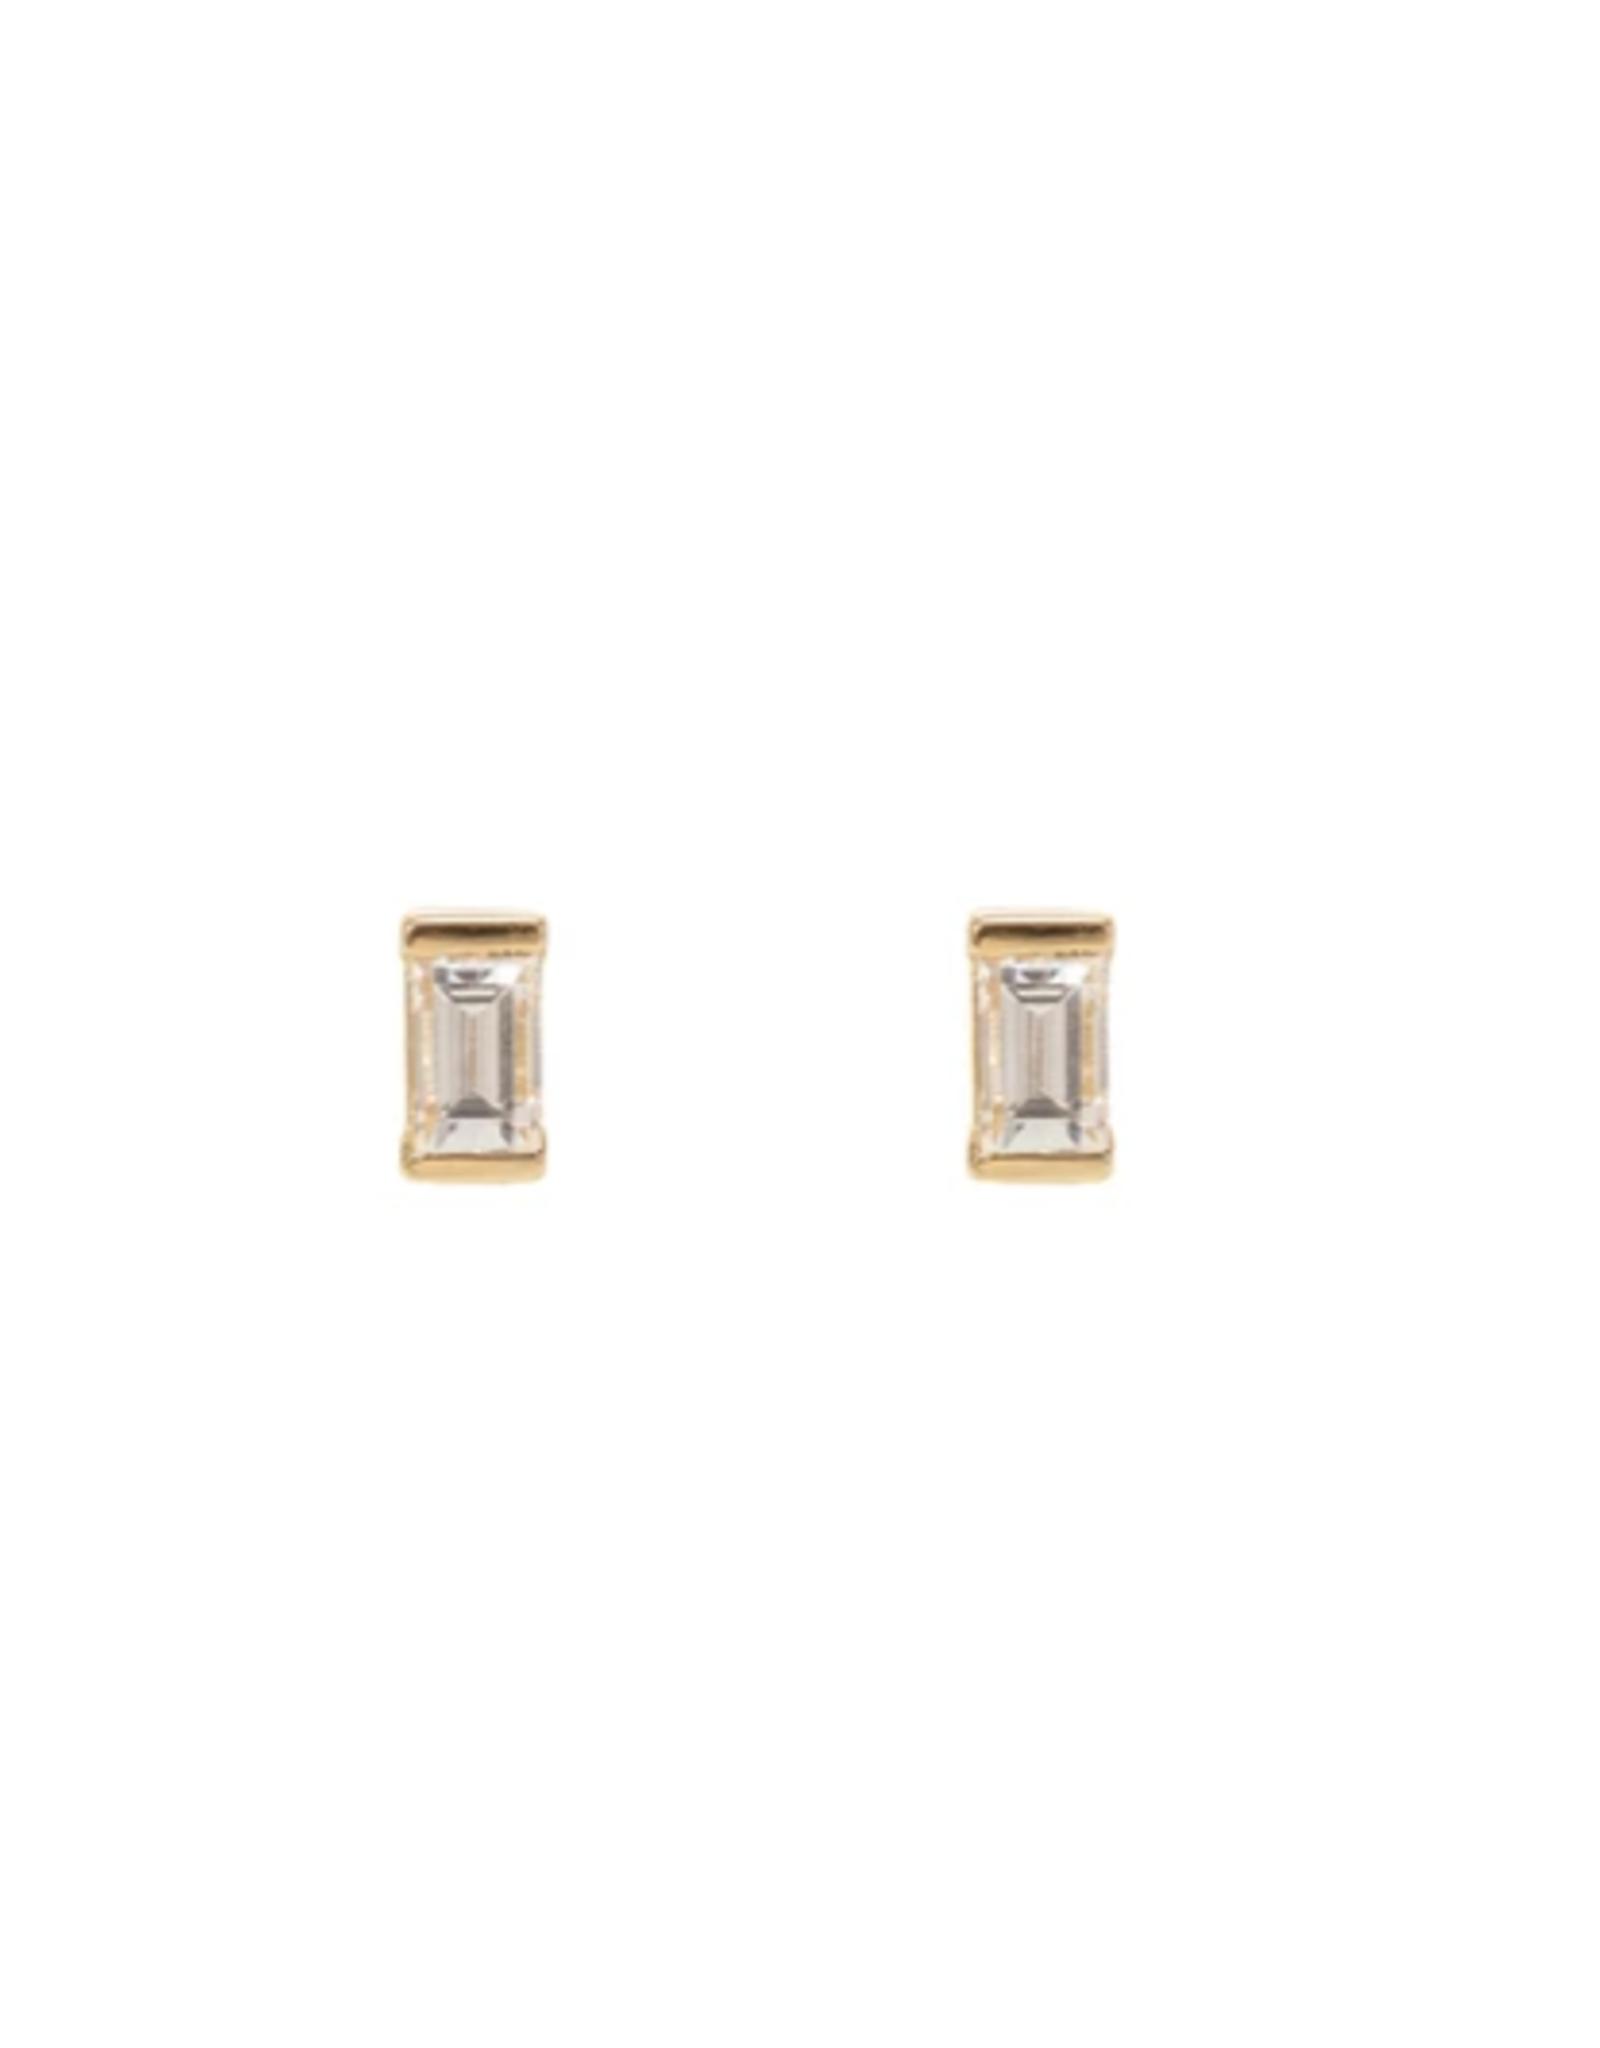 CZ Baguette Diamond Earrings